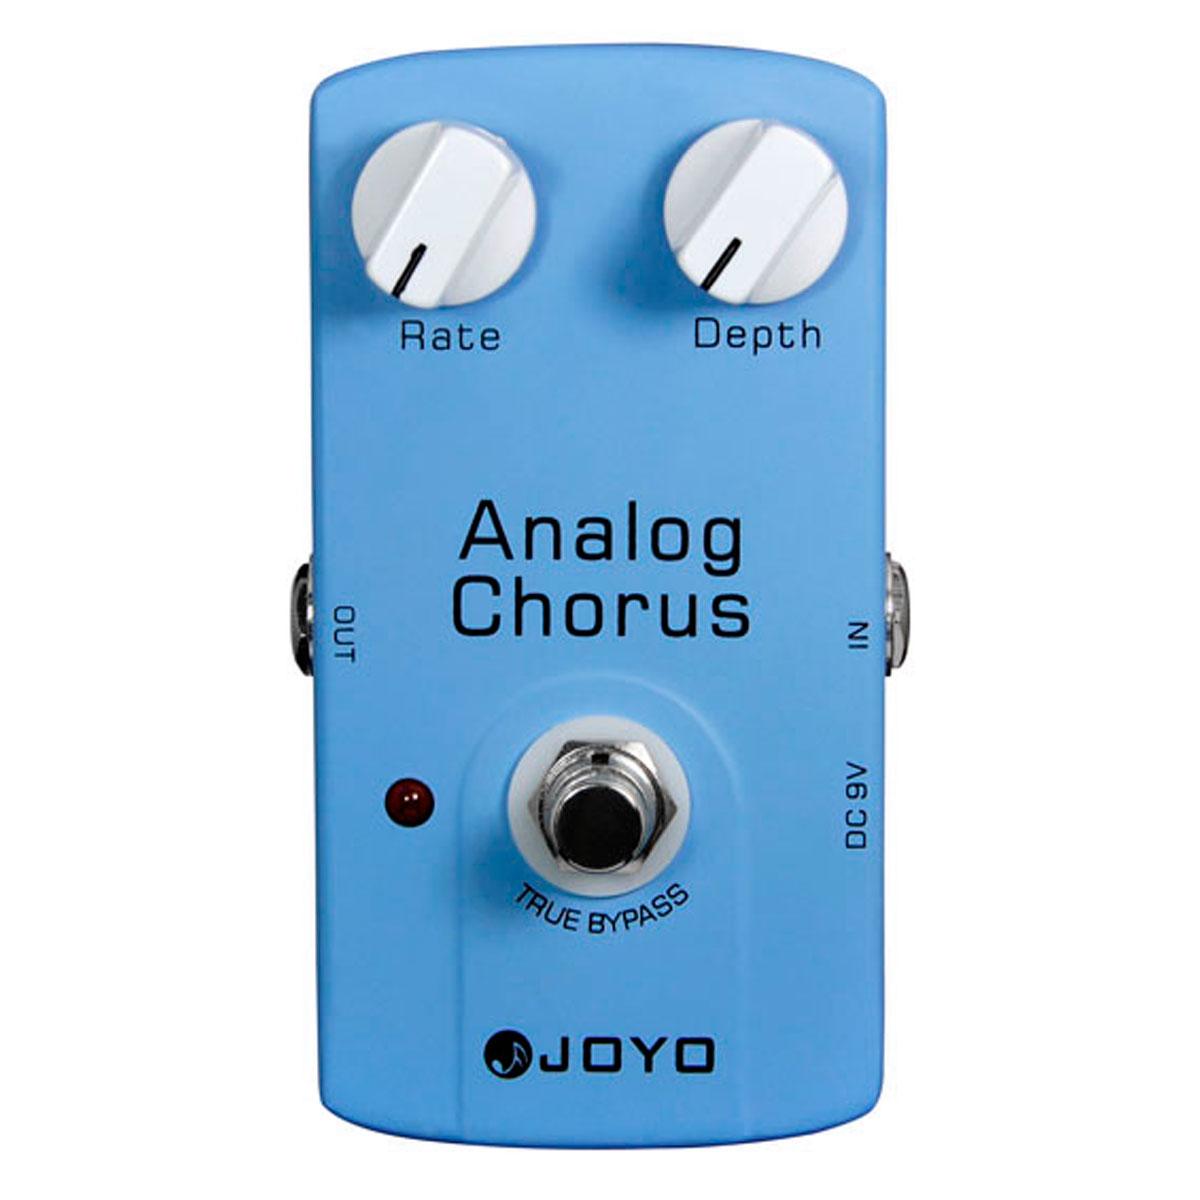 Pedal Chorus p/ Guitarra - JF 37 Joyo